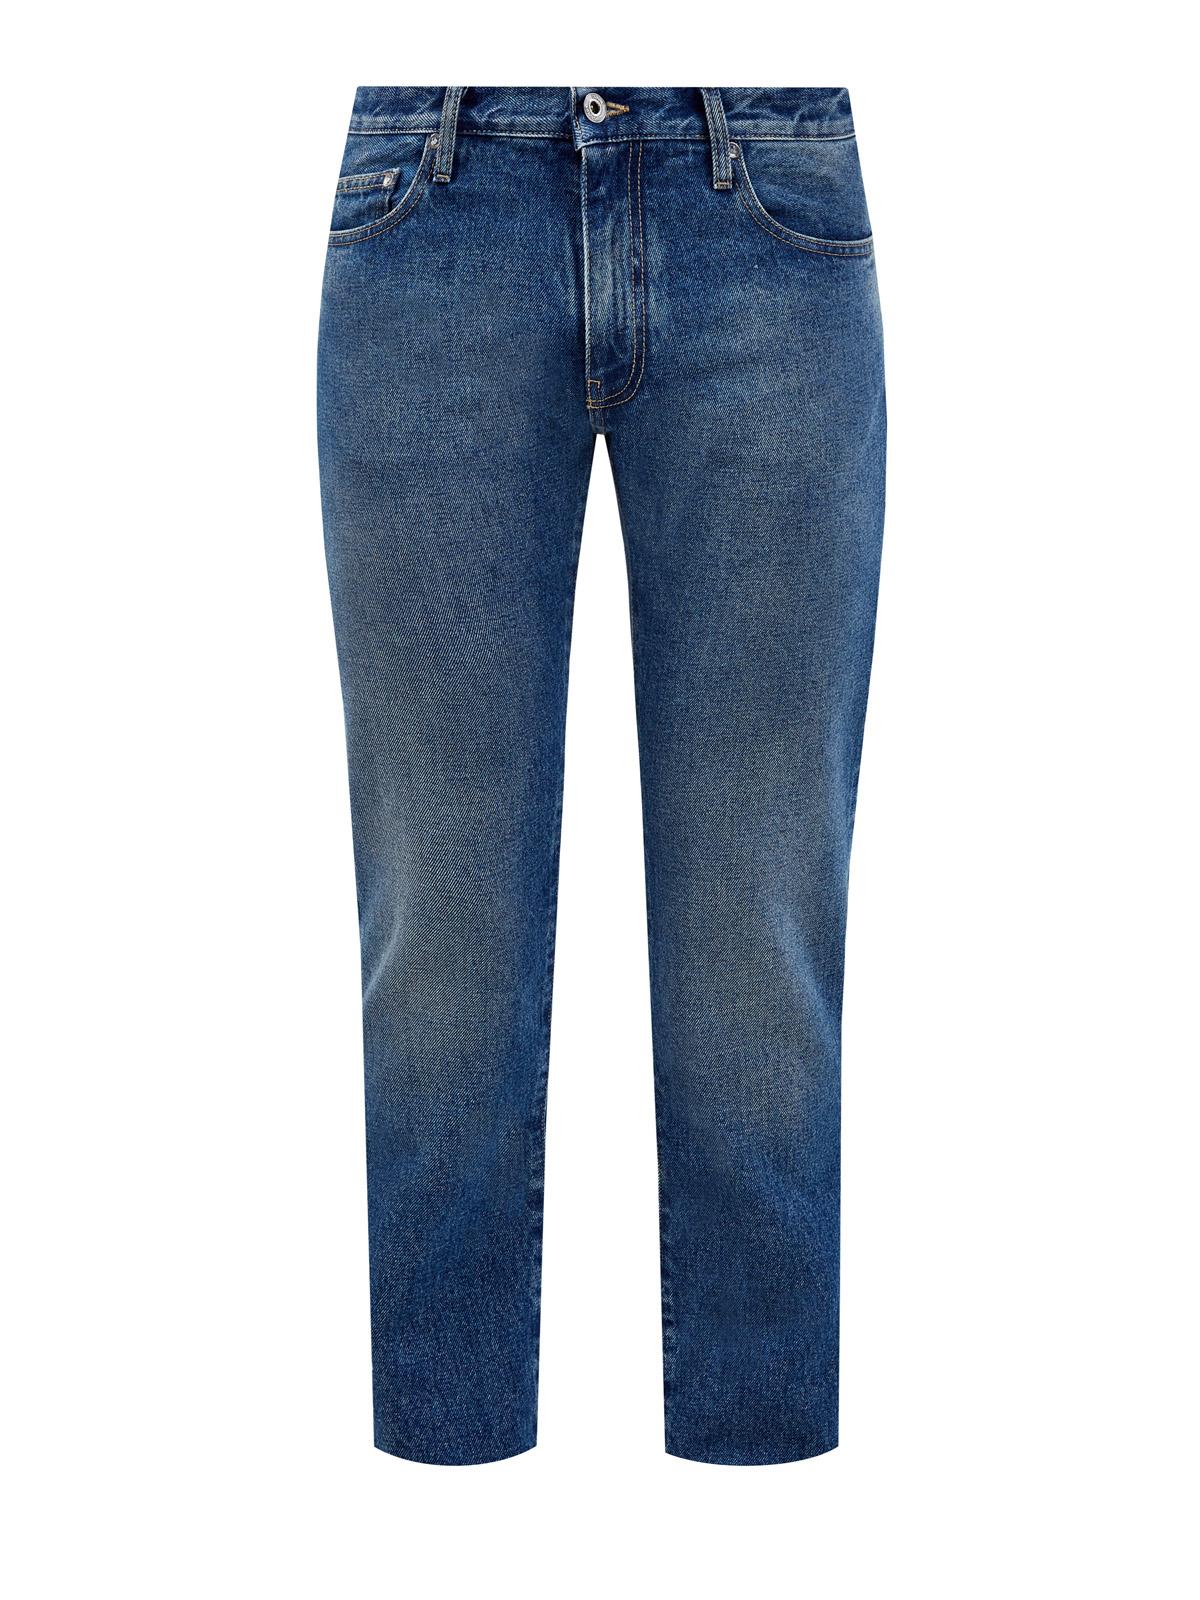 Синие джинсы из денима с патчем Off-White™ meteor